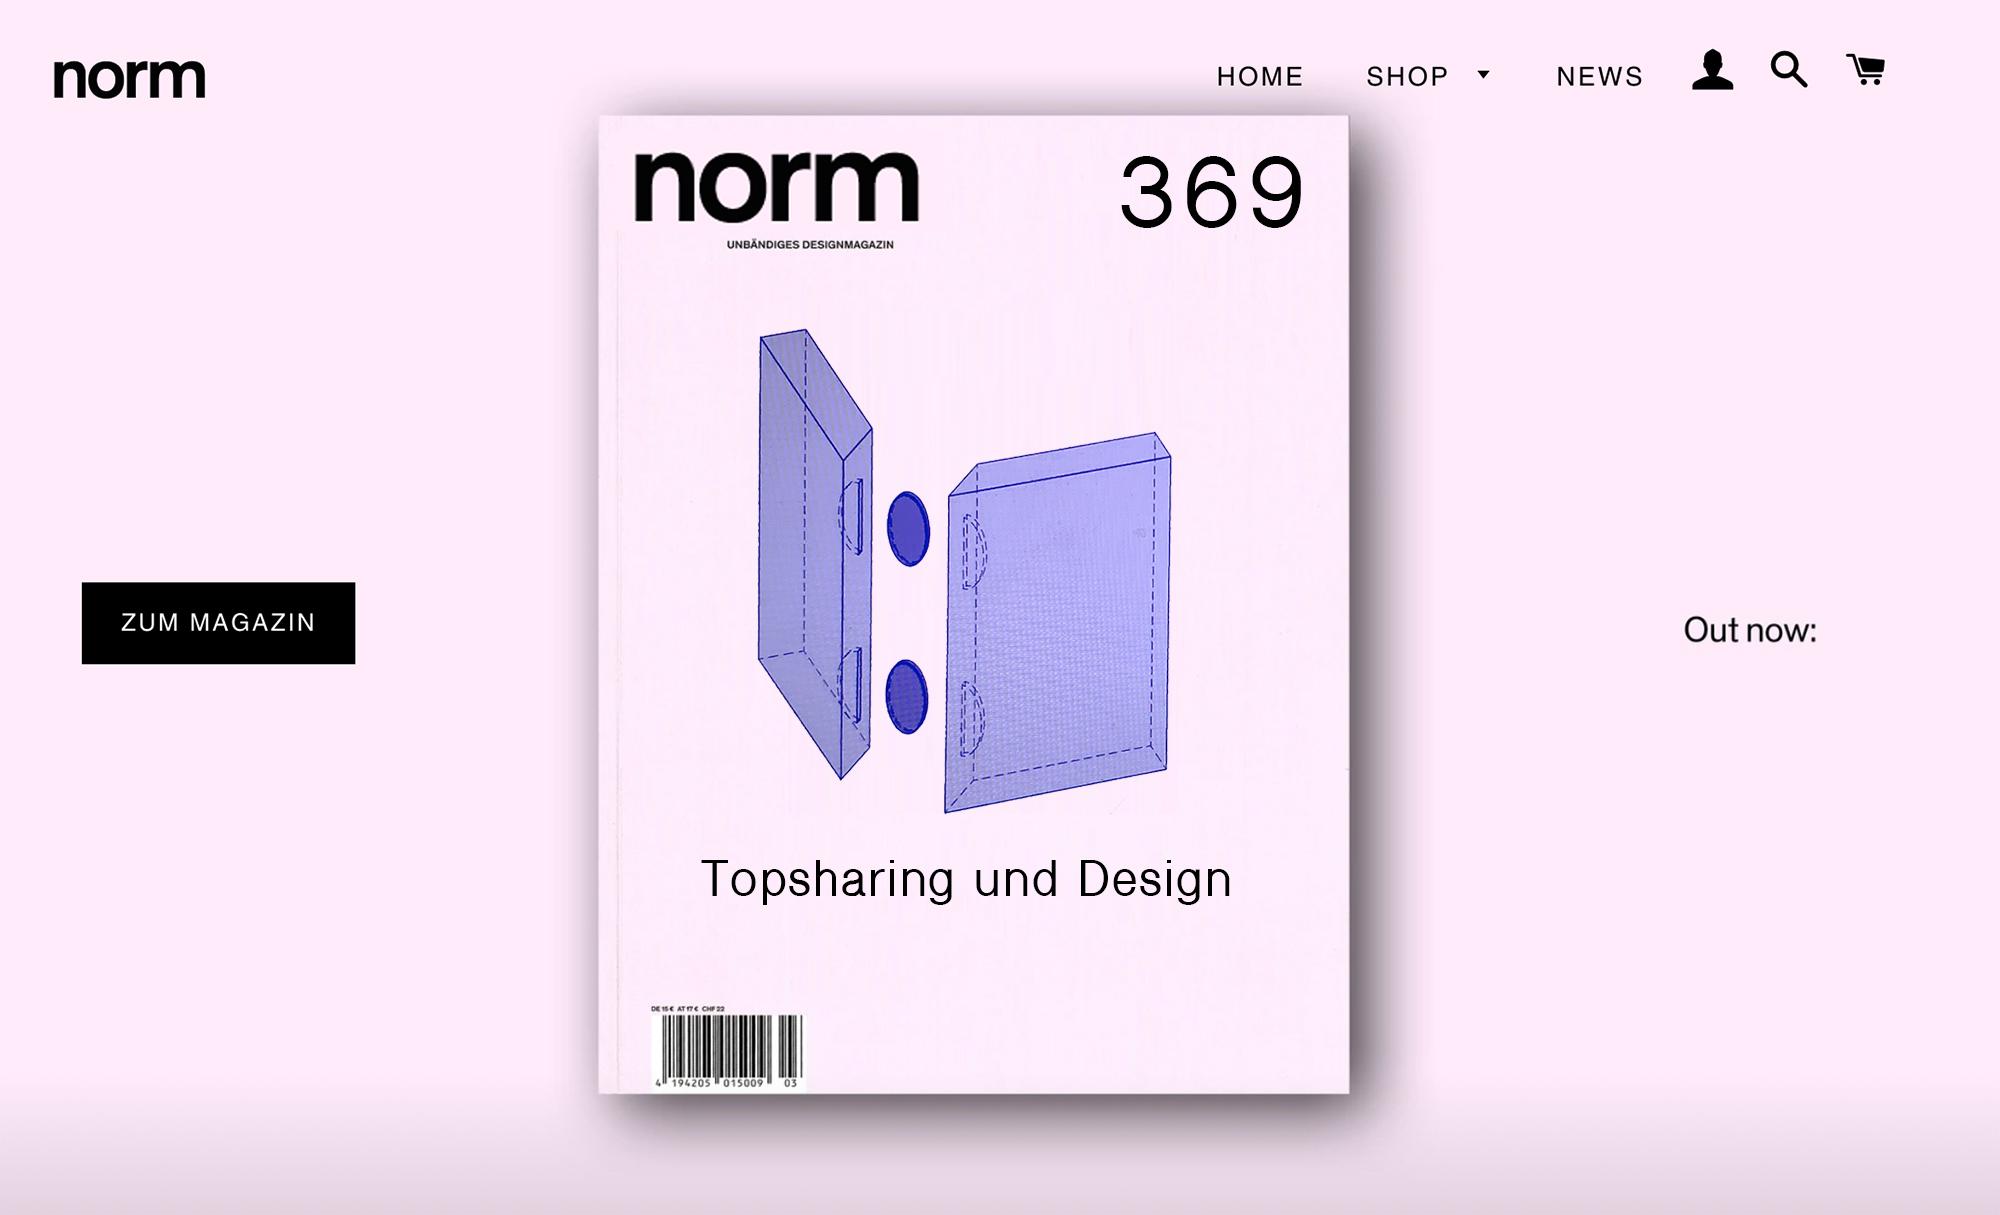 Ausgabe 369, Norm Magazin, Topsharing und Design, Oktober 2040